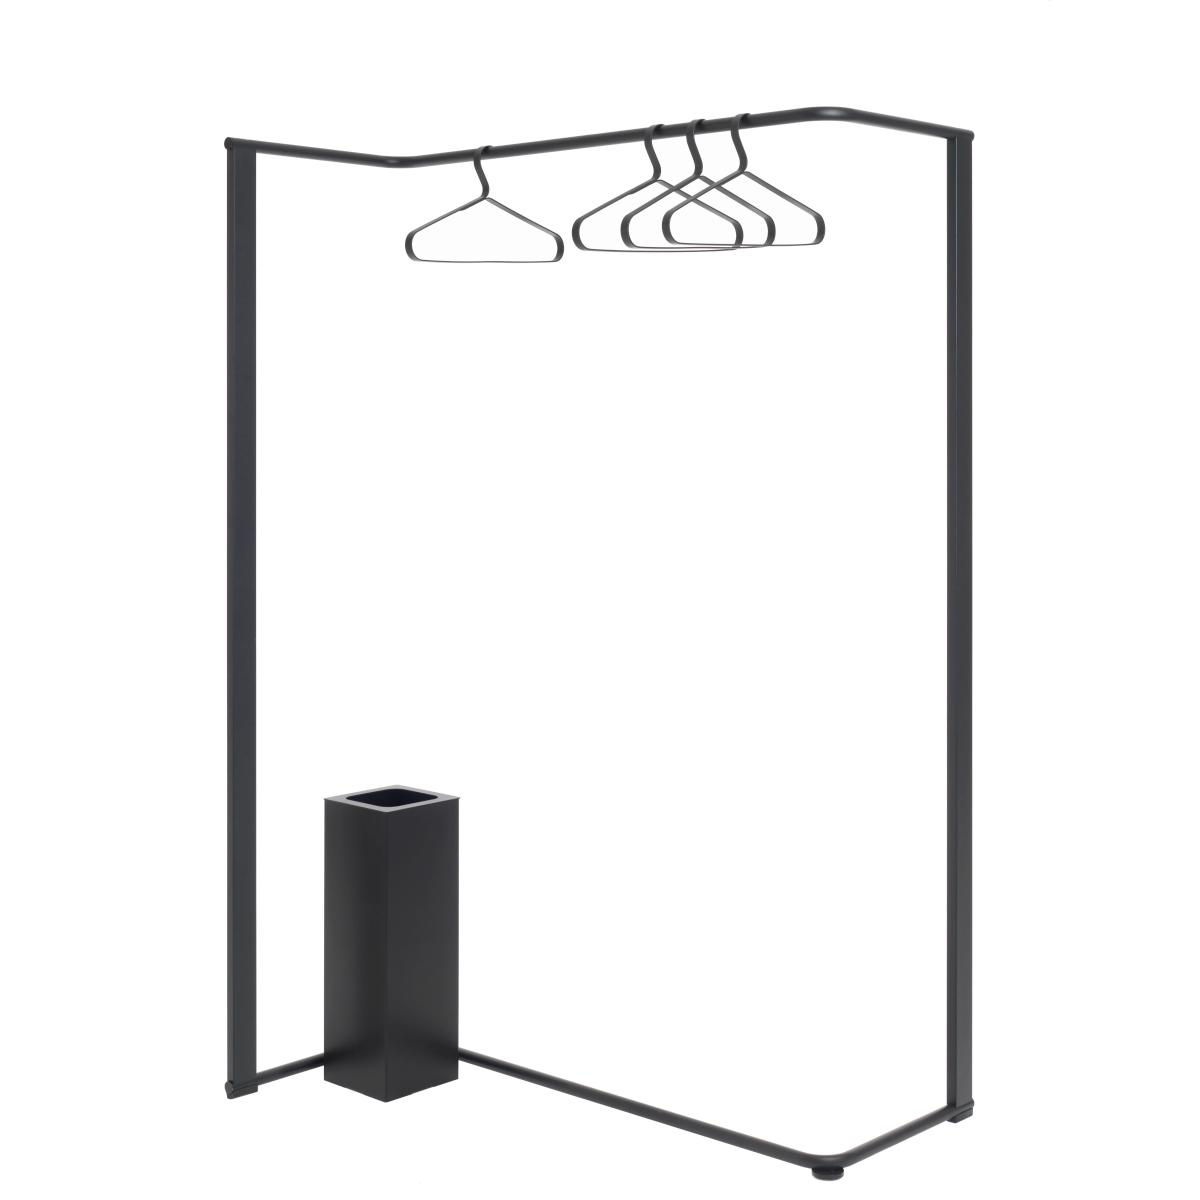 ANGLE Garderobenständer 1040 mit Schirmständer und passenden Kleiderbügeln